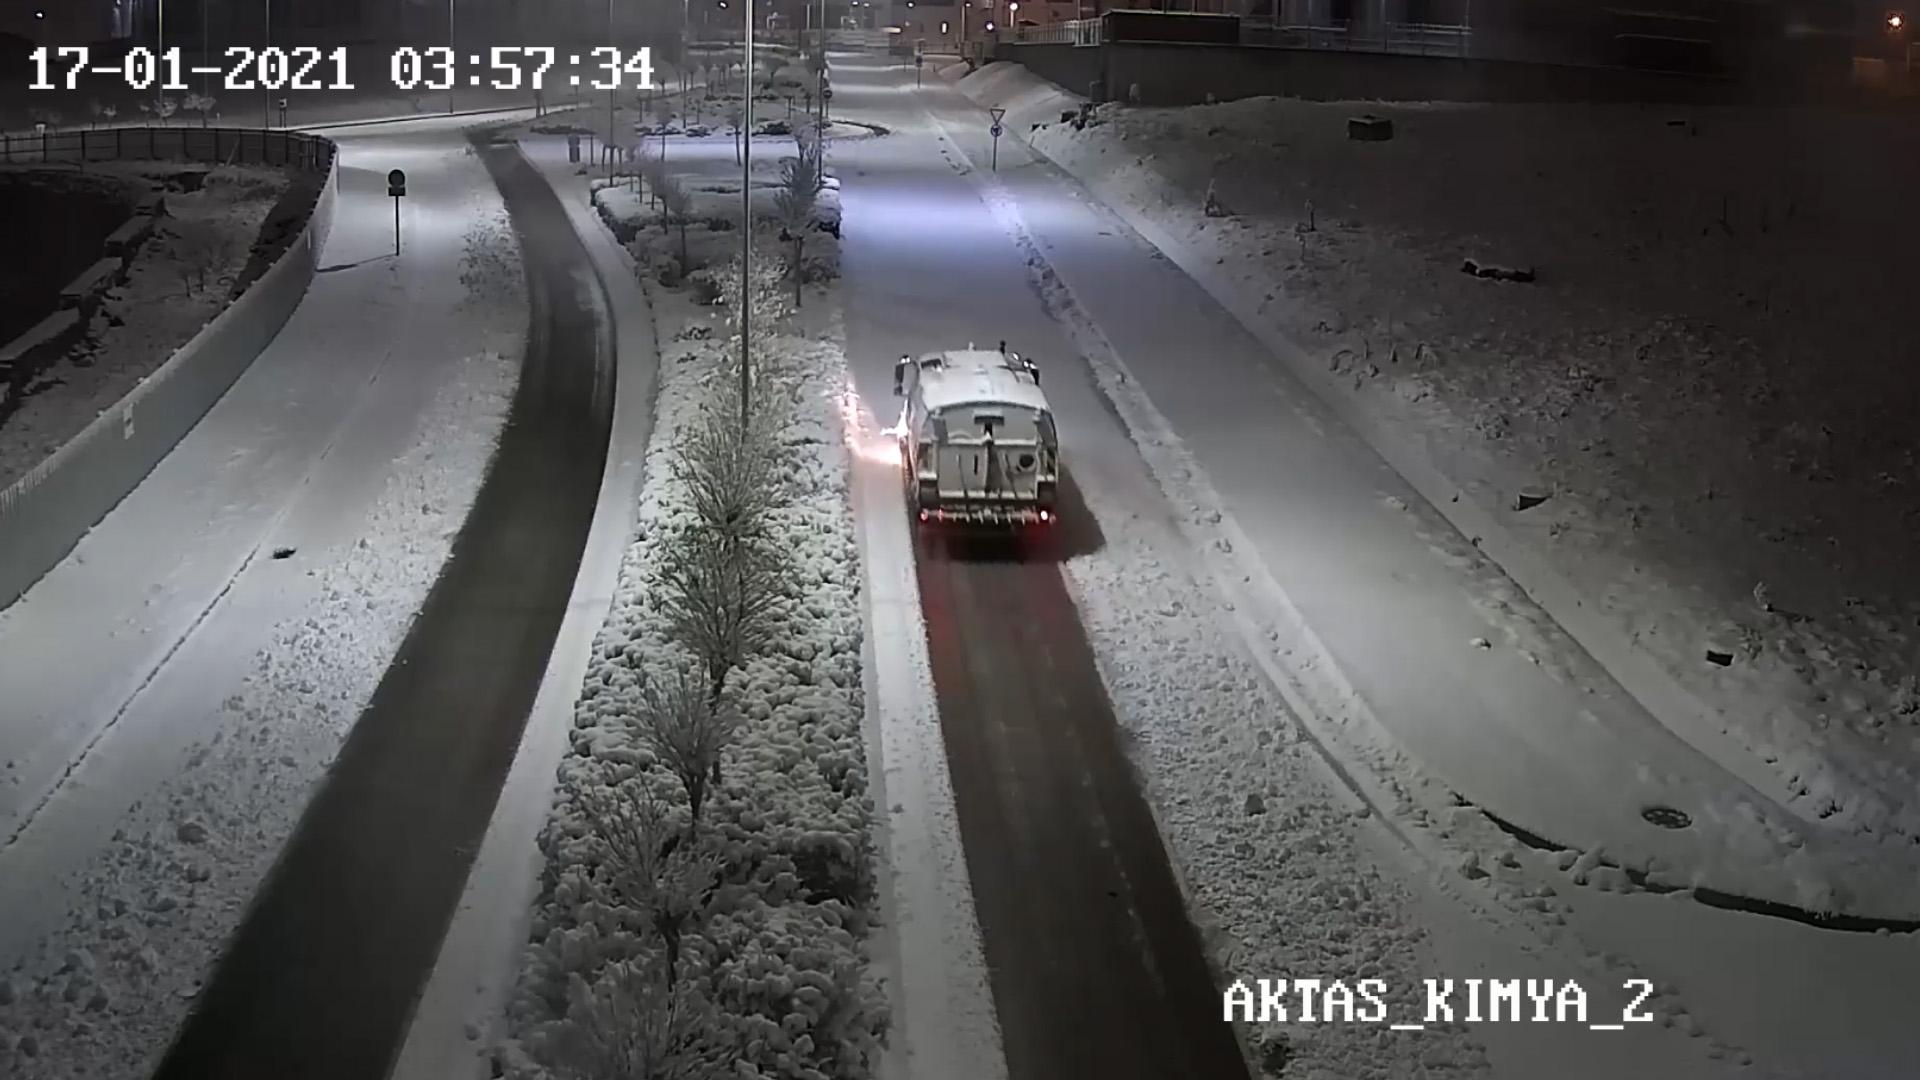 GEBKİM Karla Mücadele Araçları ve Ekipleri GEBKİM OSB'yi 7/24 Ulaşıma Açık Tuttular